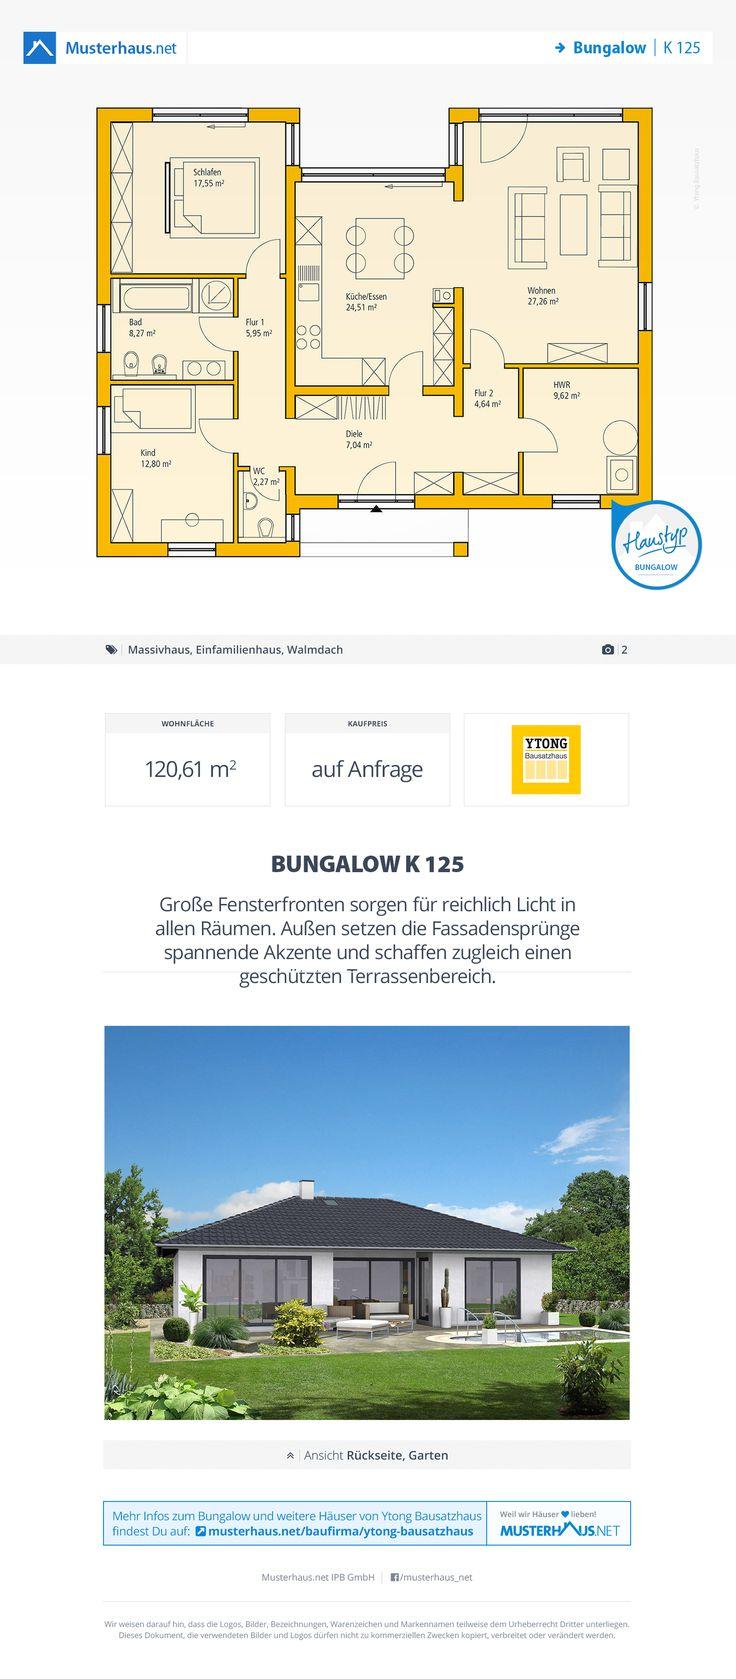 Musterhaus bungalow grundriss  1541 besten Bildern zu House Plans auf Pinterest